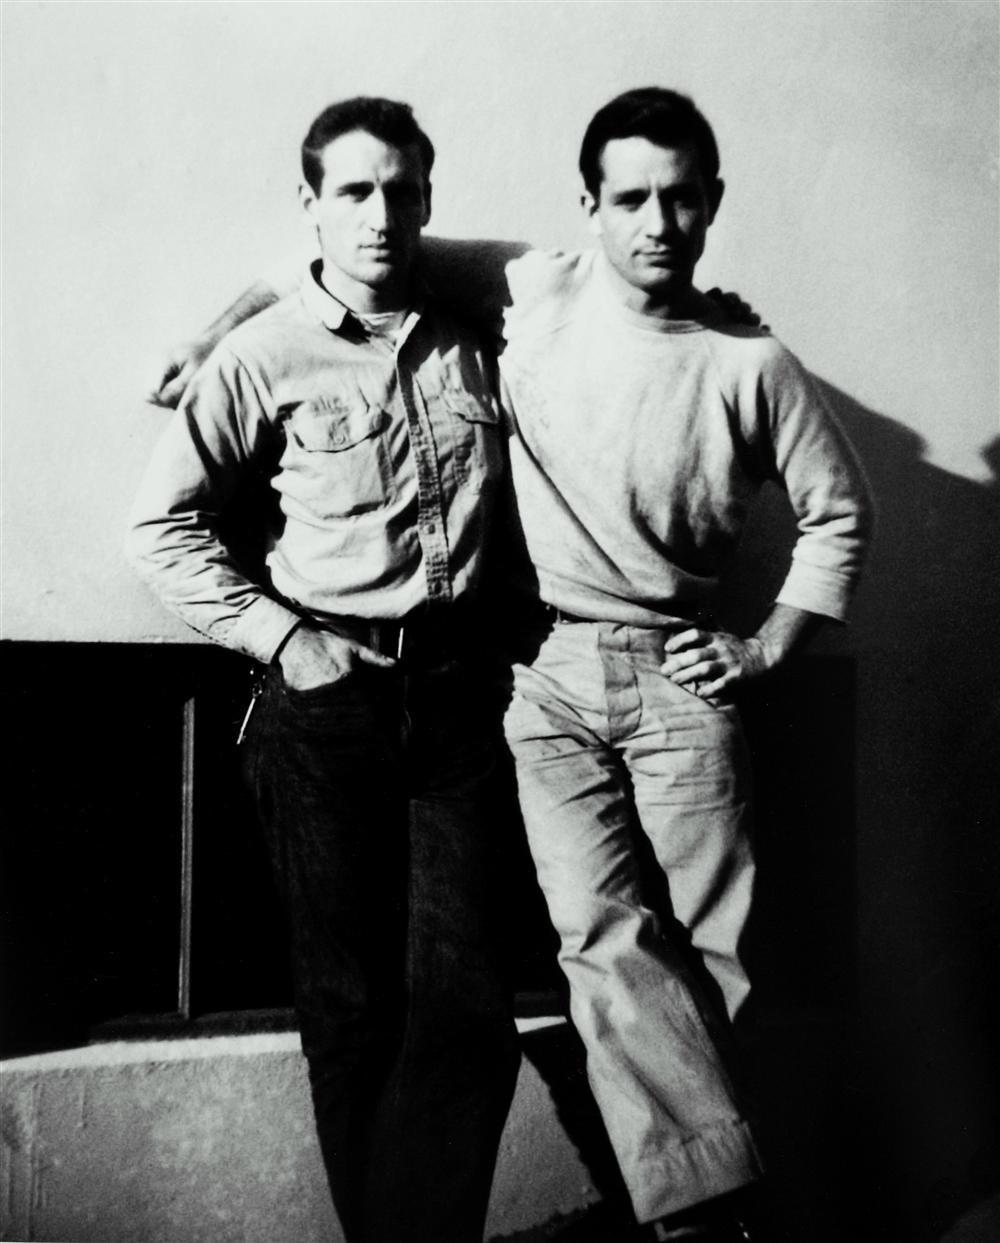 En el camino, de Jack Kerouac, fue publicado en el año de 1957.